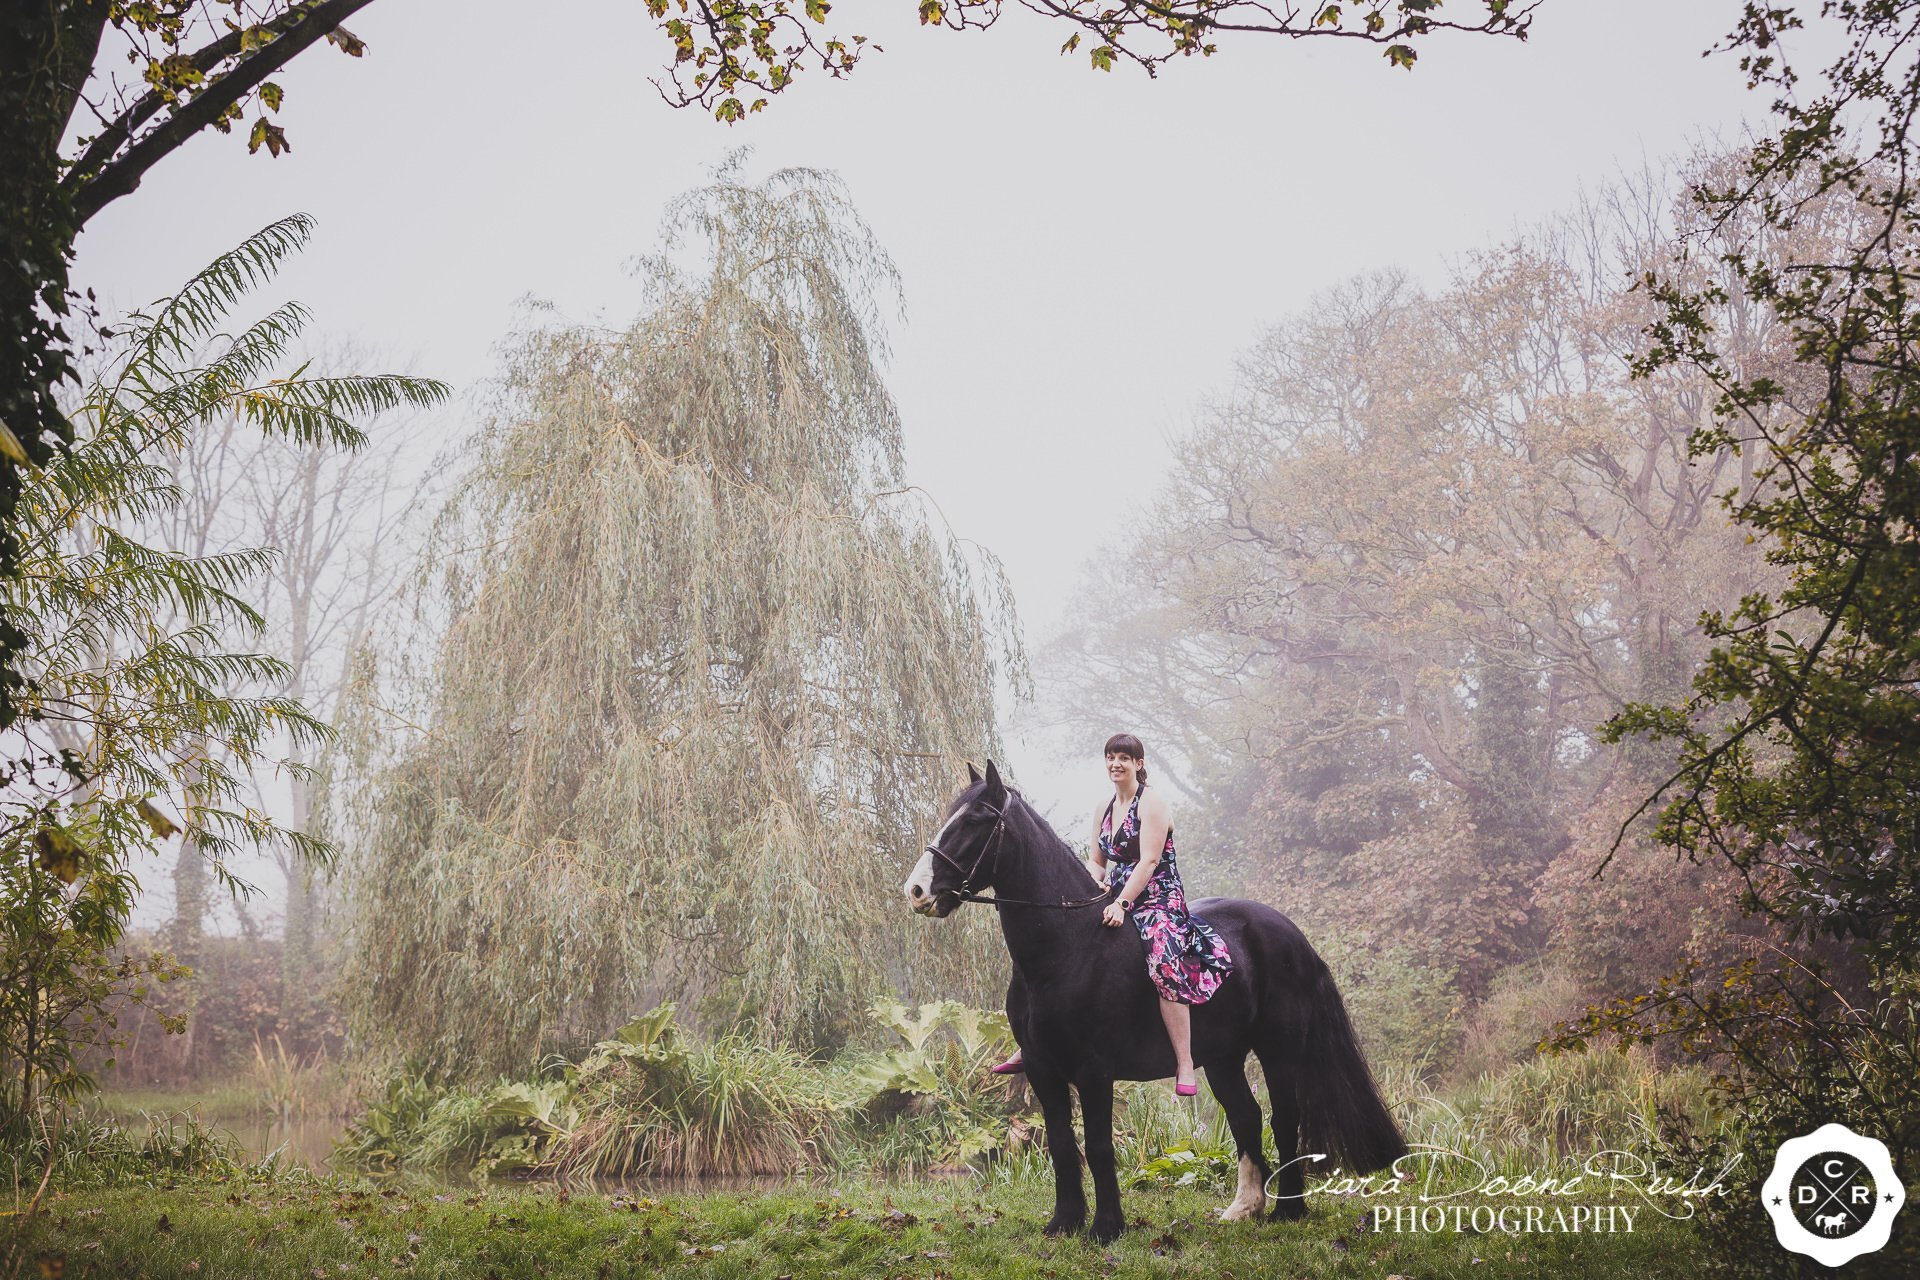 Best of 2019: Helen & Beckah's // Horse & Rider Photo Shoots